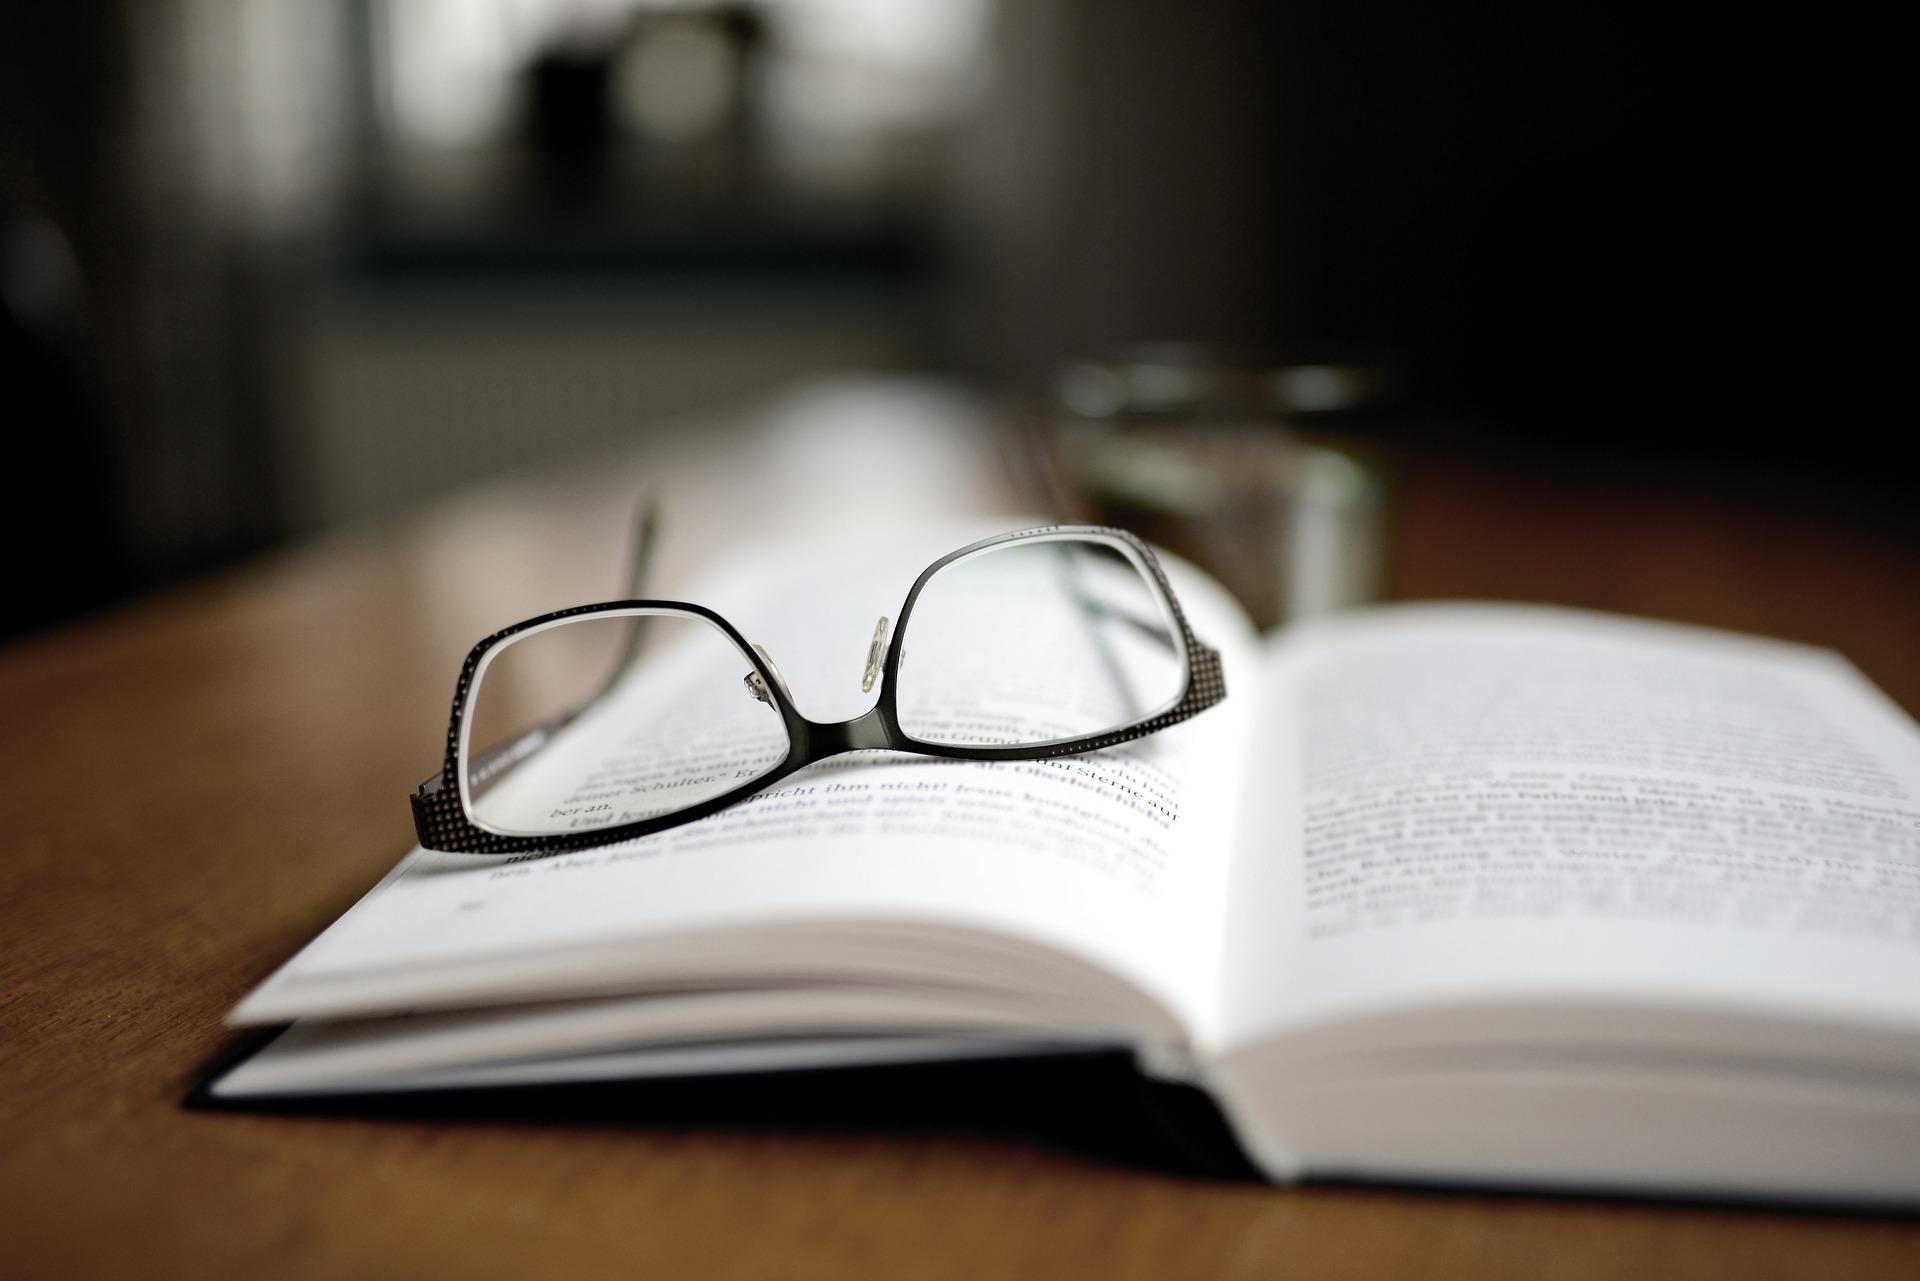 hizli okuma kitap okuyucu uygulama inceleme